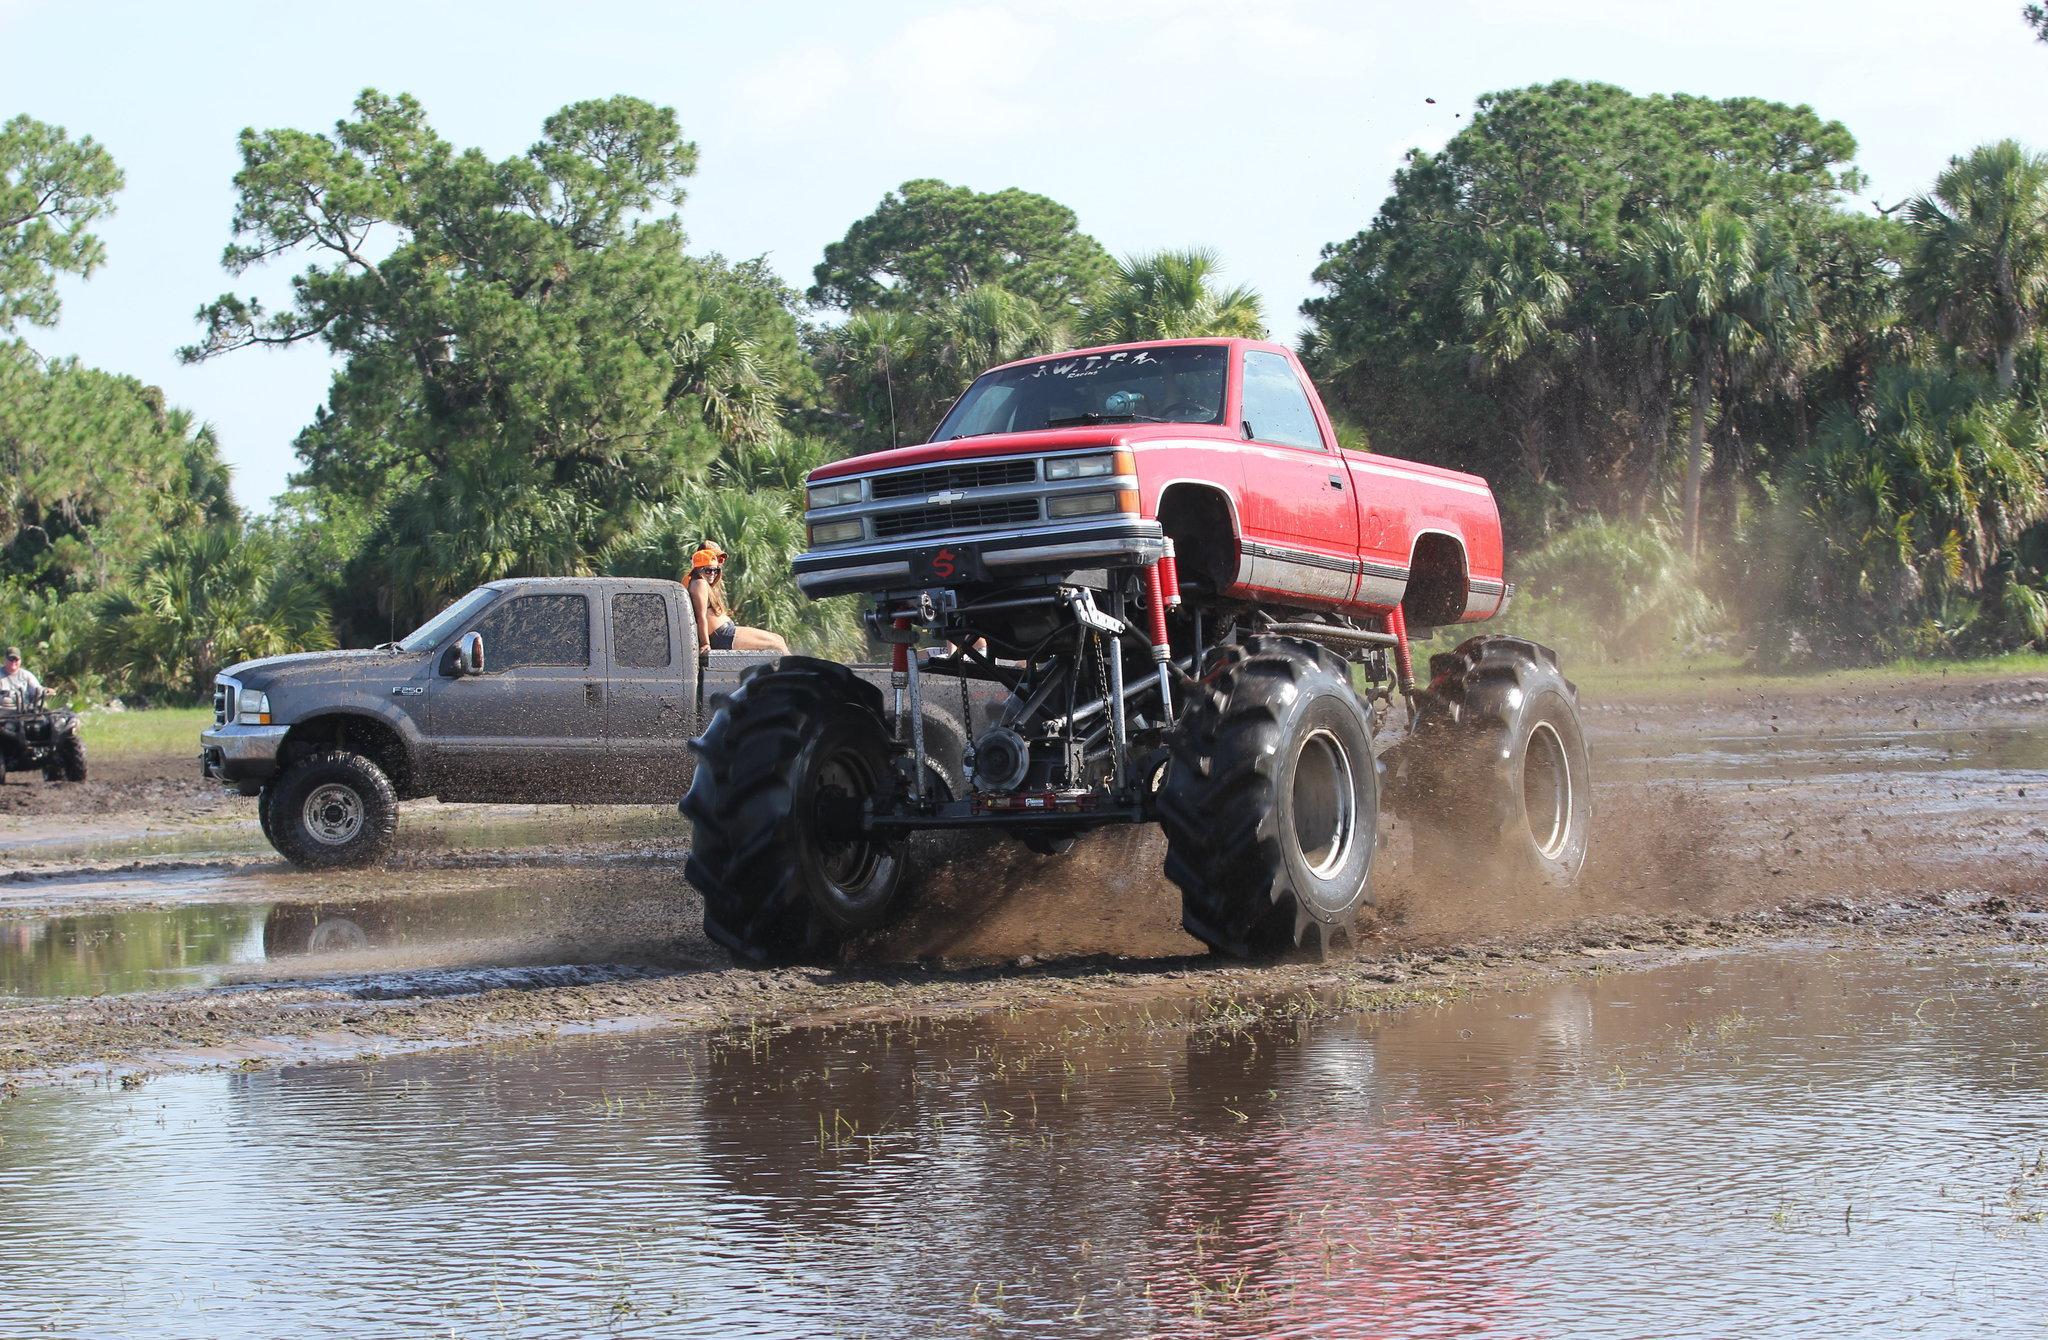 chevy silverado mud truck